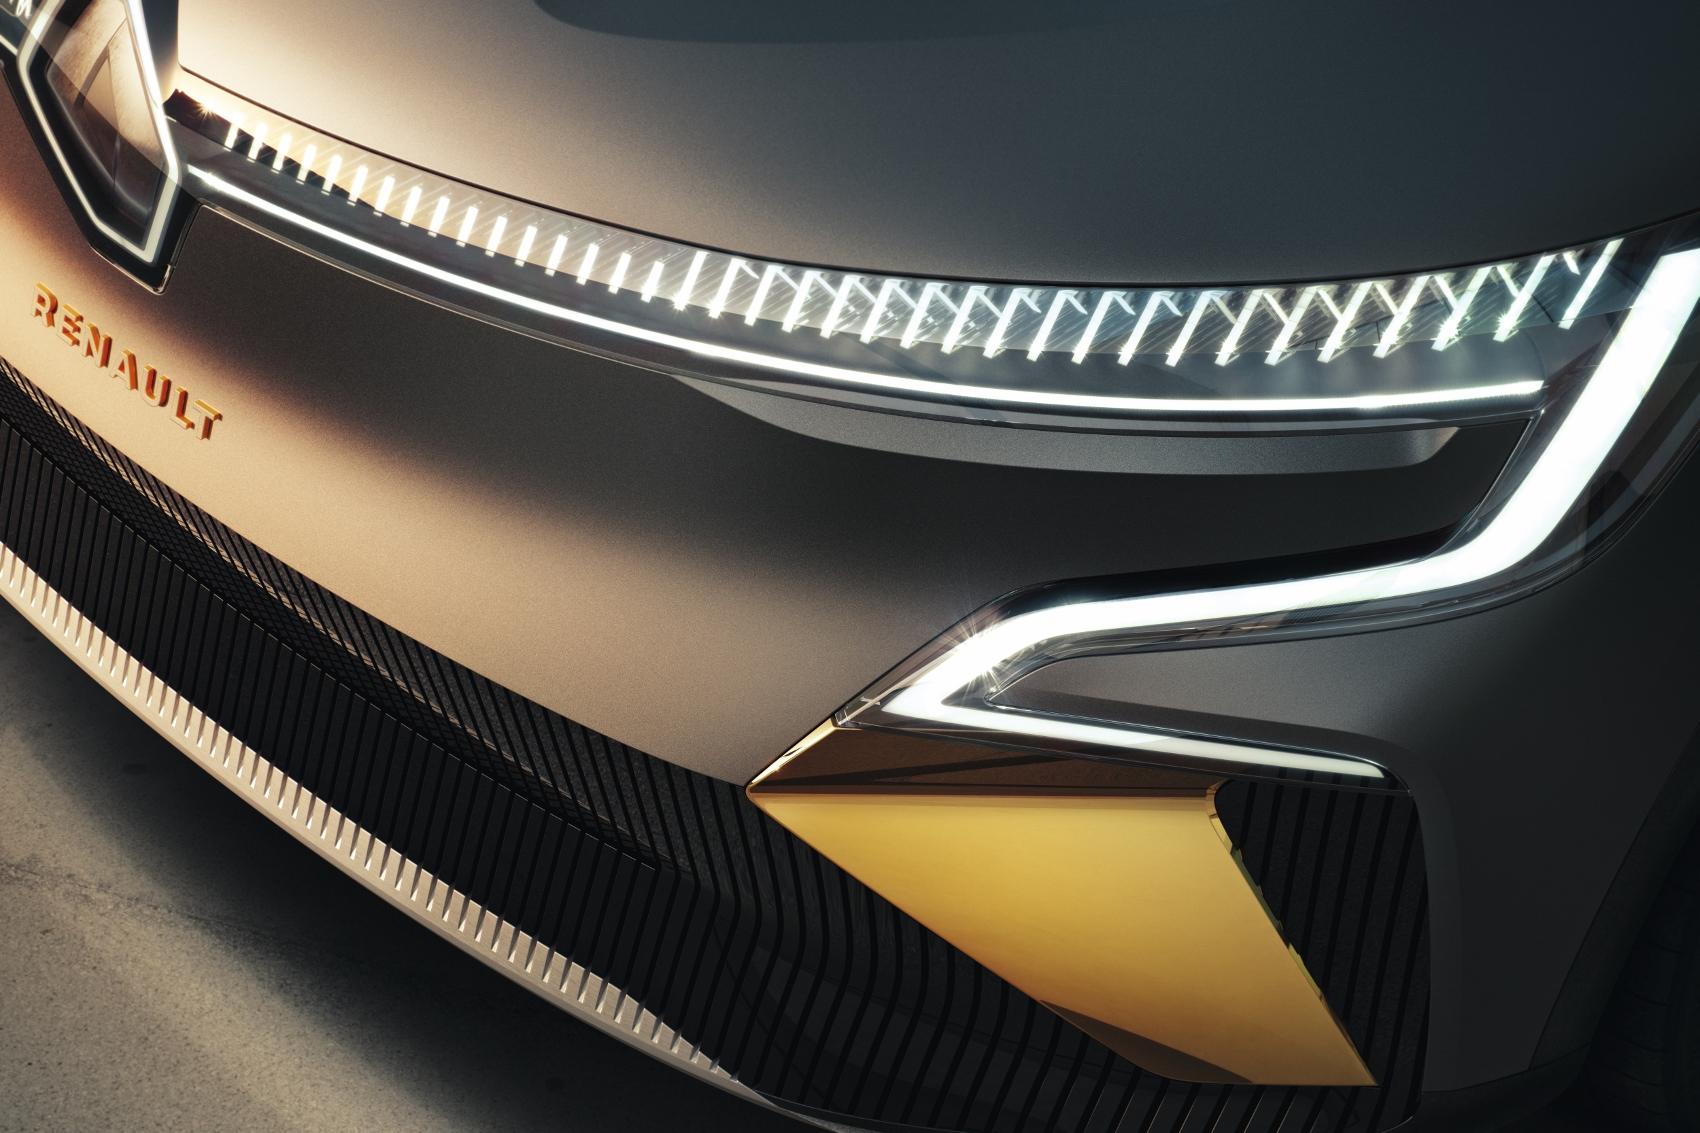 2020 - Mgane eVision (4) (1700x1133)